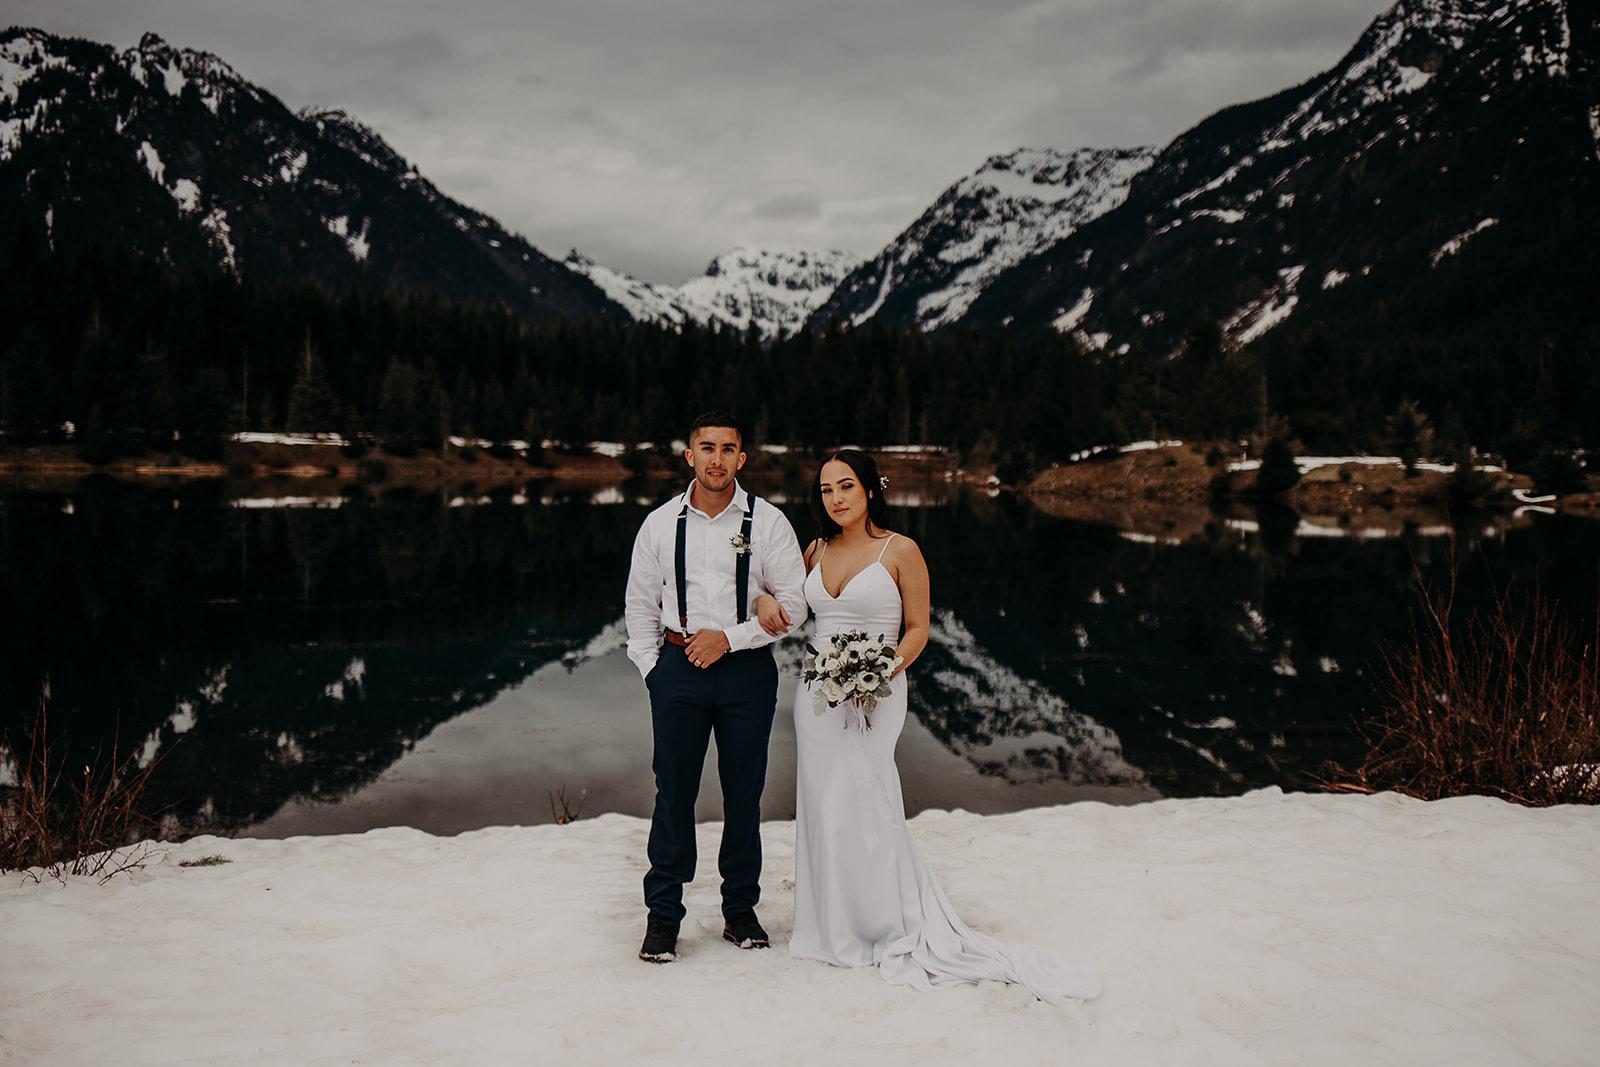 winter-mountain-elopement-asheville-wedding-photographer-megan-gallagher-photographer (27).jpg